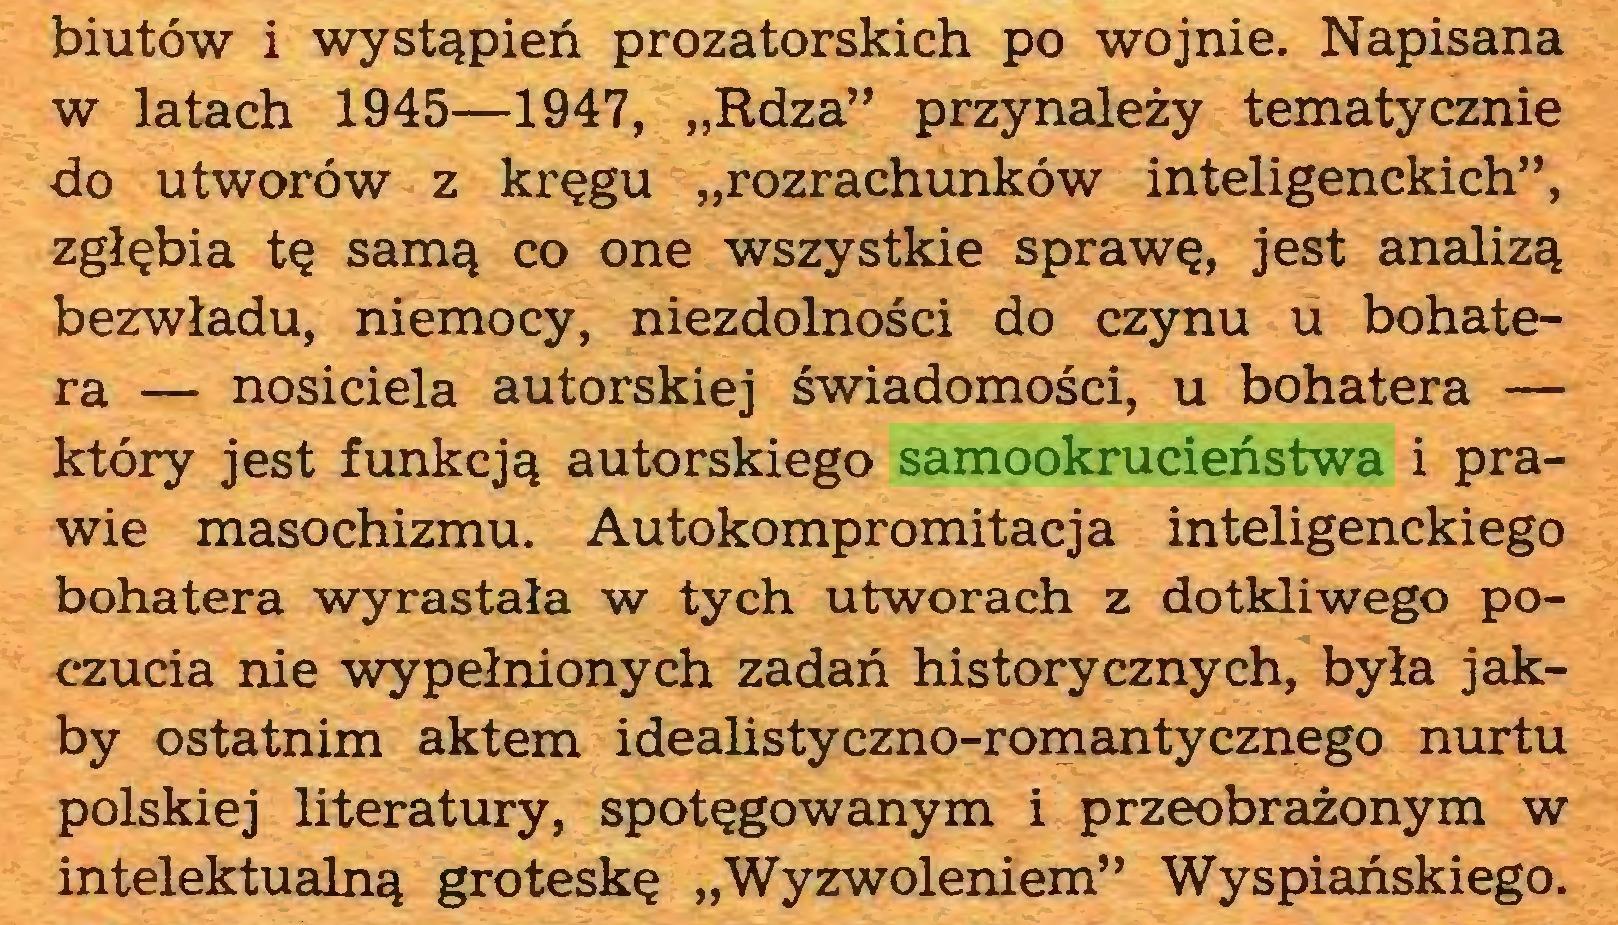 """(...) biutów i wystąpień prozatorskich po wojnie. Napisana w latach 1945—1947, """"Rdza"""" przynależy tematycznie do utworów z kręgu """"rozrachunków inteligenckich"""", zgłębia tę samą co one wszystkie sprawę, jest analizą bezwładu, niemocy, niezdolności do czynu u bohatera — nosiciela autorskiej świadomości, u bohatera — który jest funkcją autorskiego samookrucieństwa i prawie masochizmu. Autokompromitacja inteligenckiego bohatera wyrastała w tych utworach z dotkliwego poczucia nie wypełnionych zadań historycznych, była jakby ostatnim aktem idealistyczno-romantycznego nurtu polskiej literatury, spotęgowanym i przeobrażonym w intelektualną groteskę """"Wyzwoleniem"""" Wyspiańskiego..."""